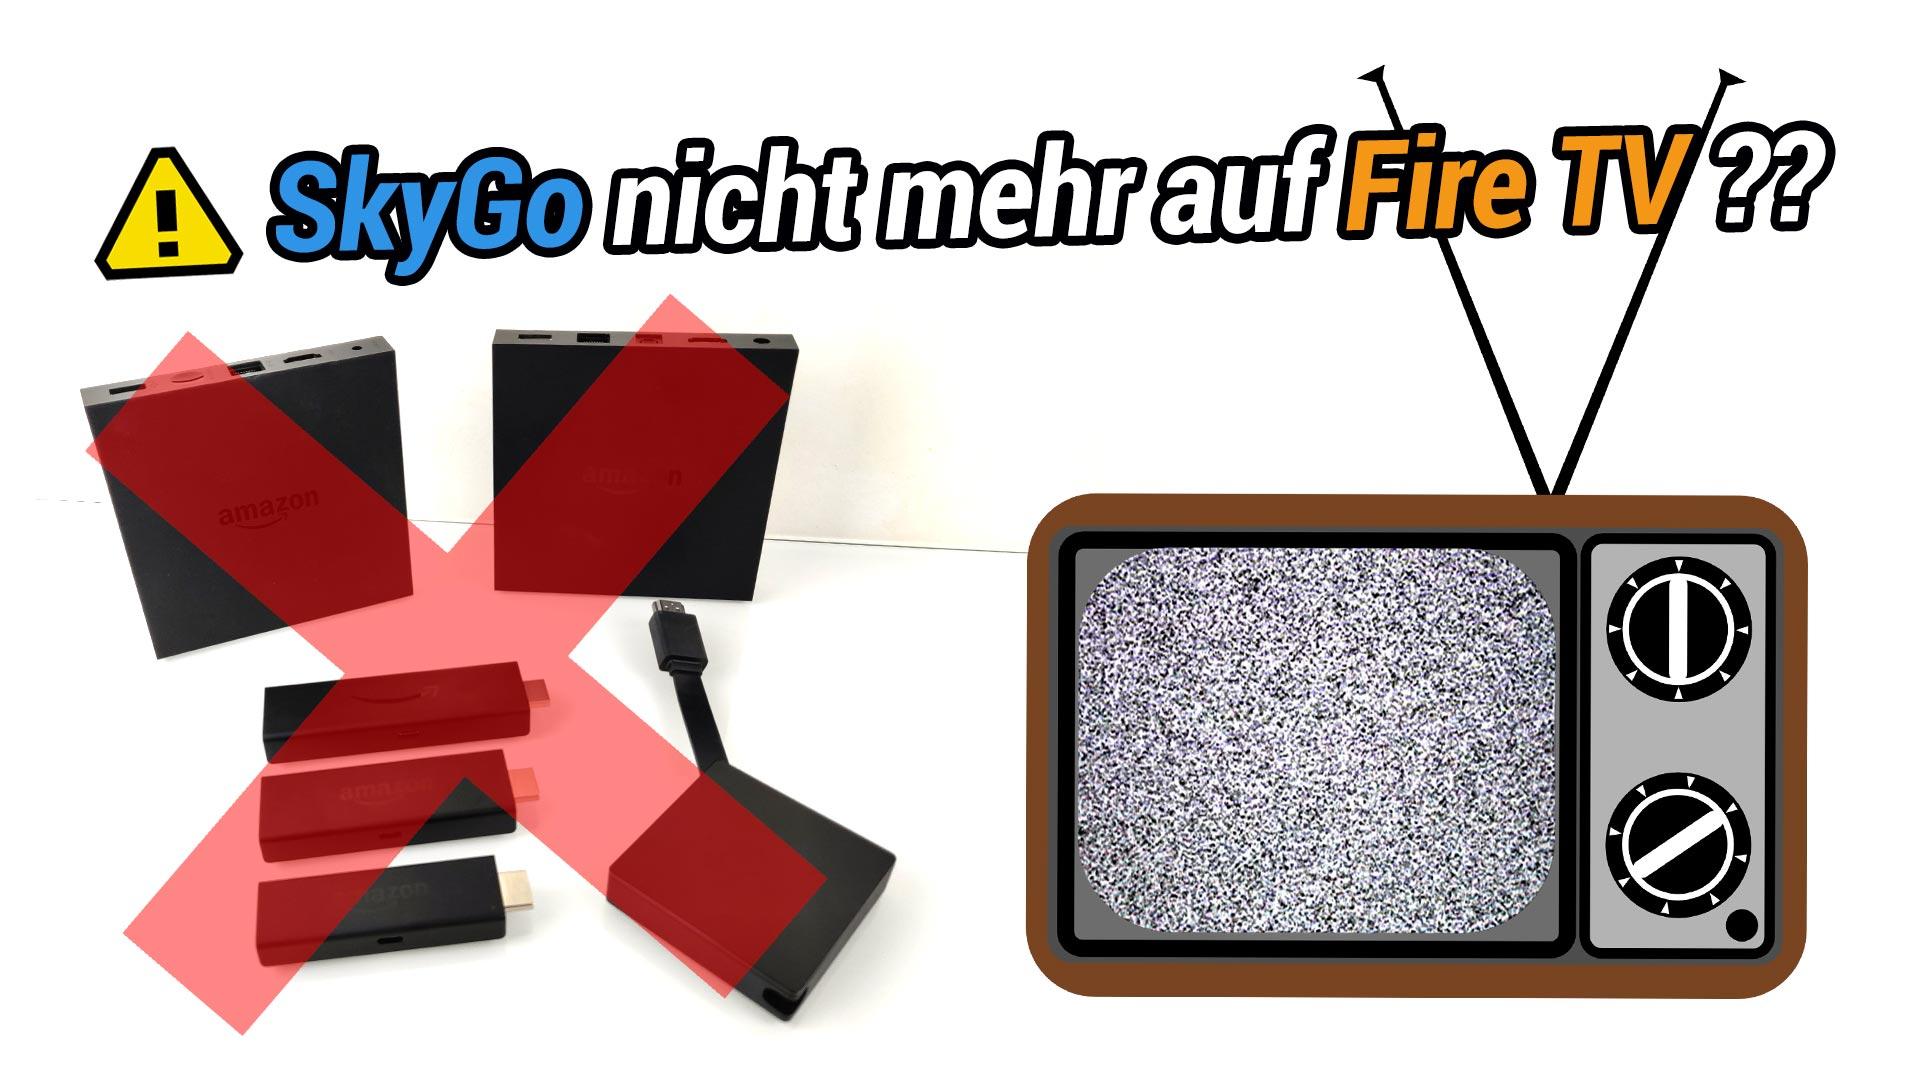 sky go auf fire tv stick funktioniert nicht mehr